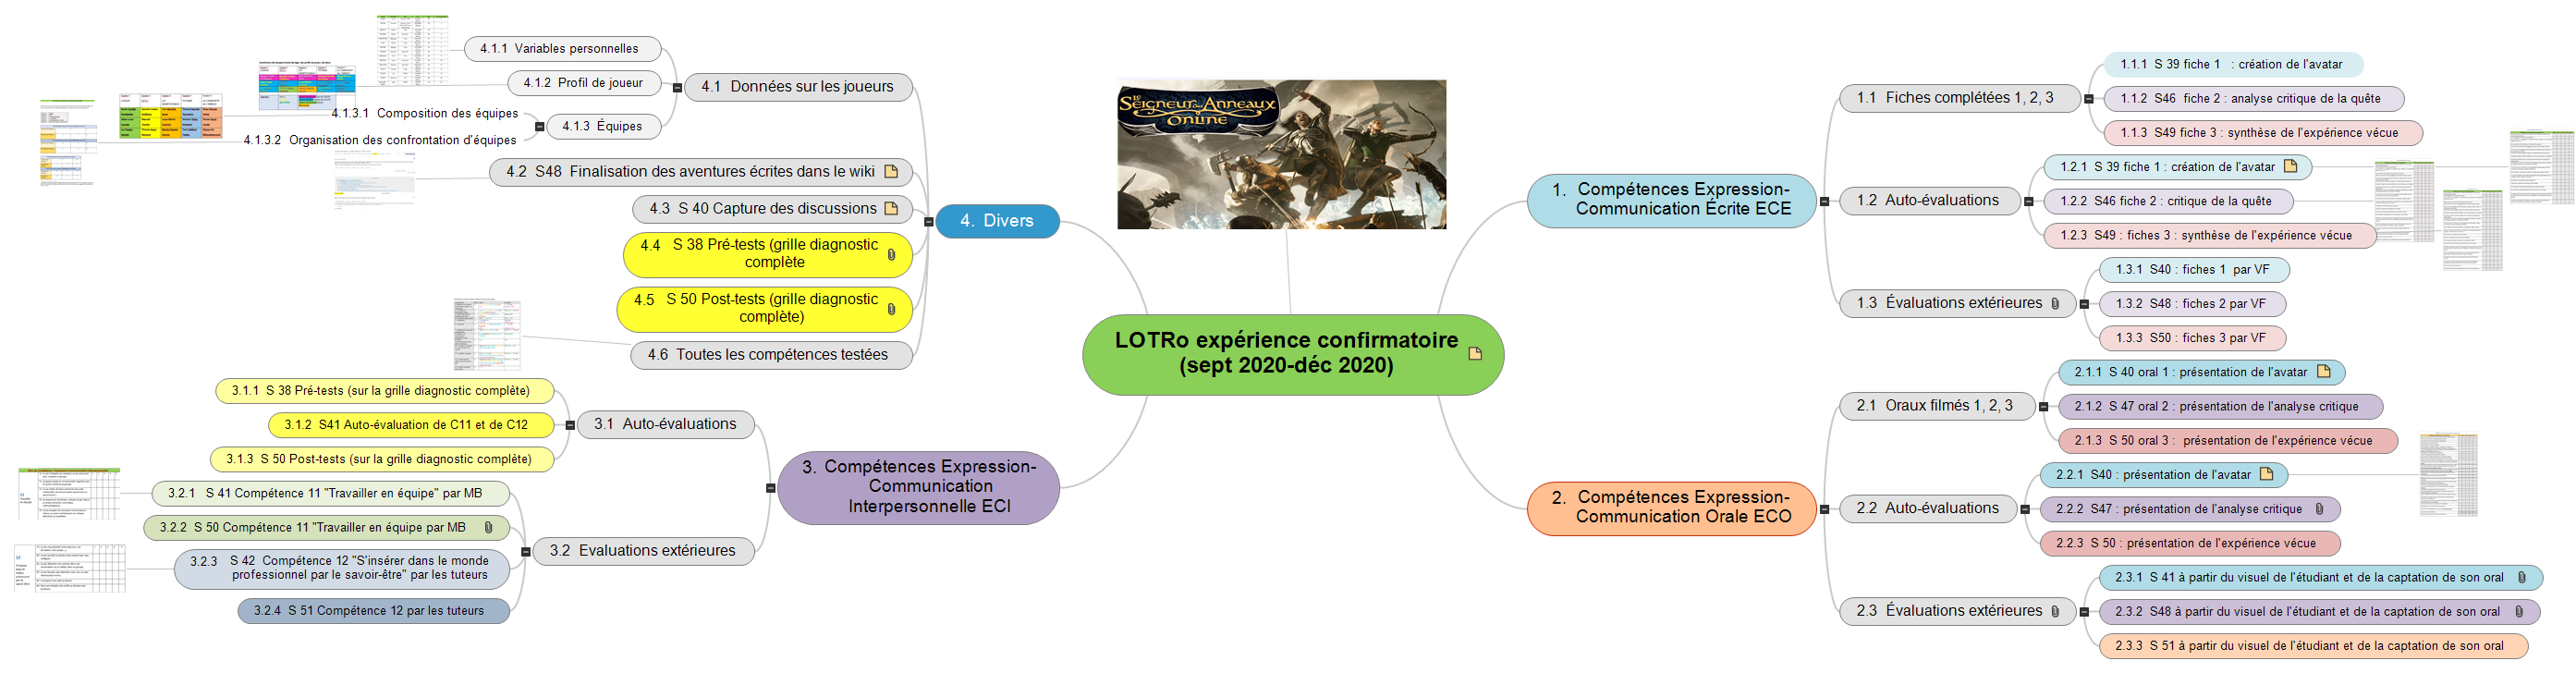 Recensement données LOTRo expérience confirmatoire  (sept 2020-déc 2020) Mind Maps